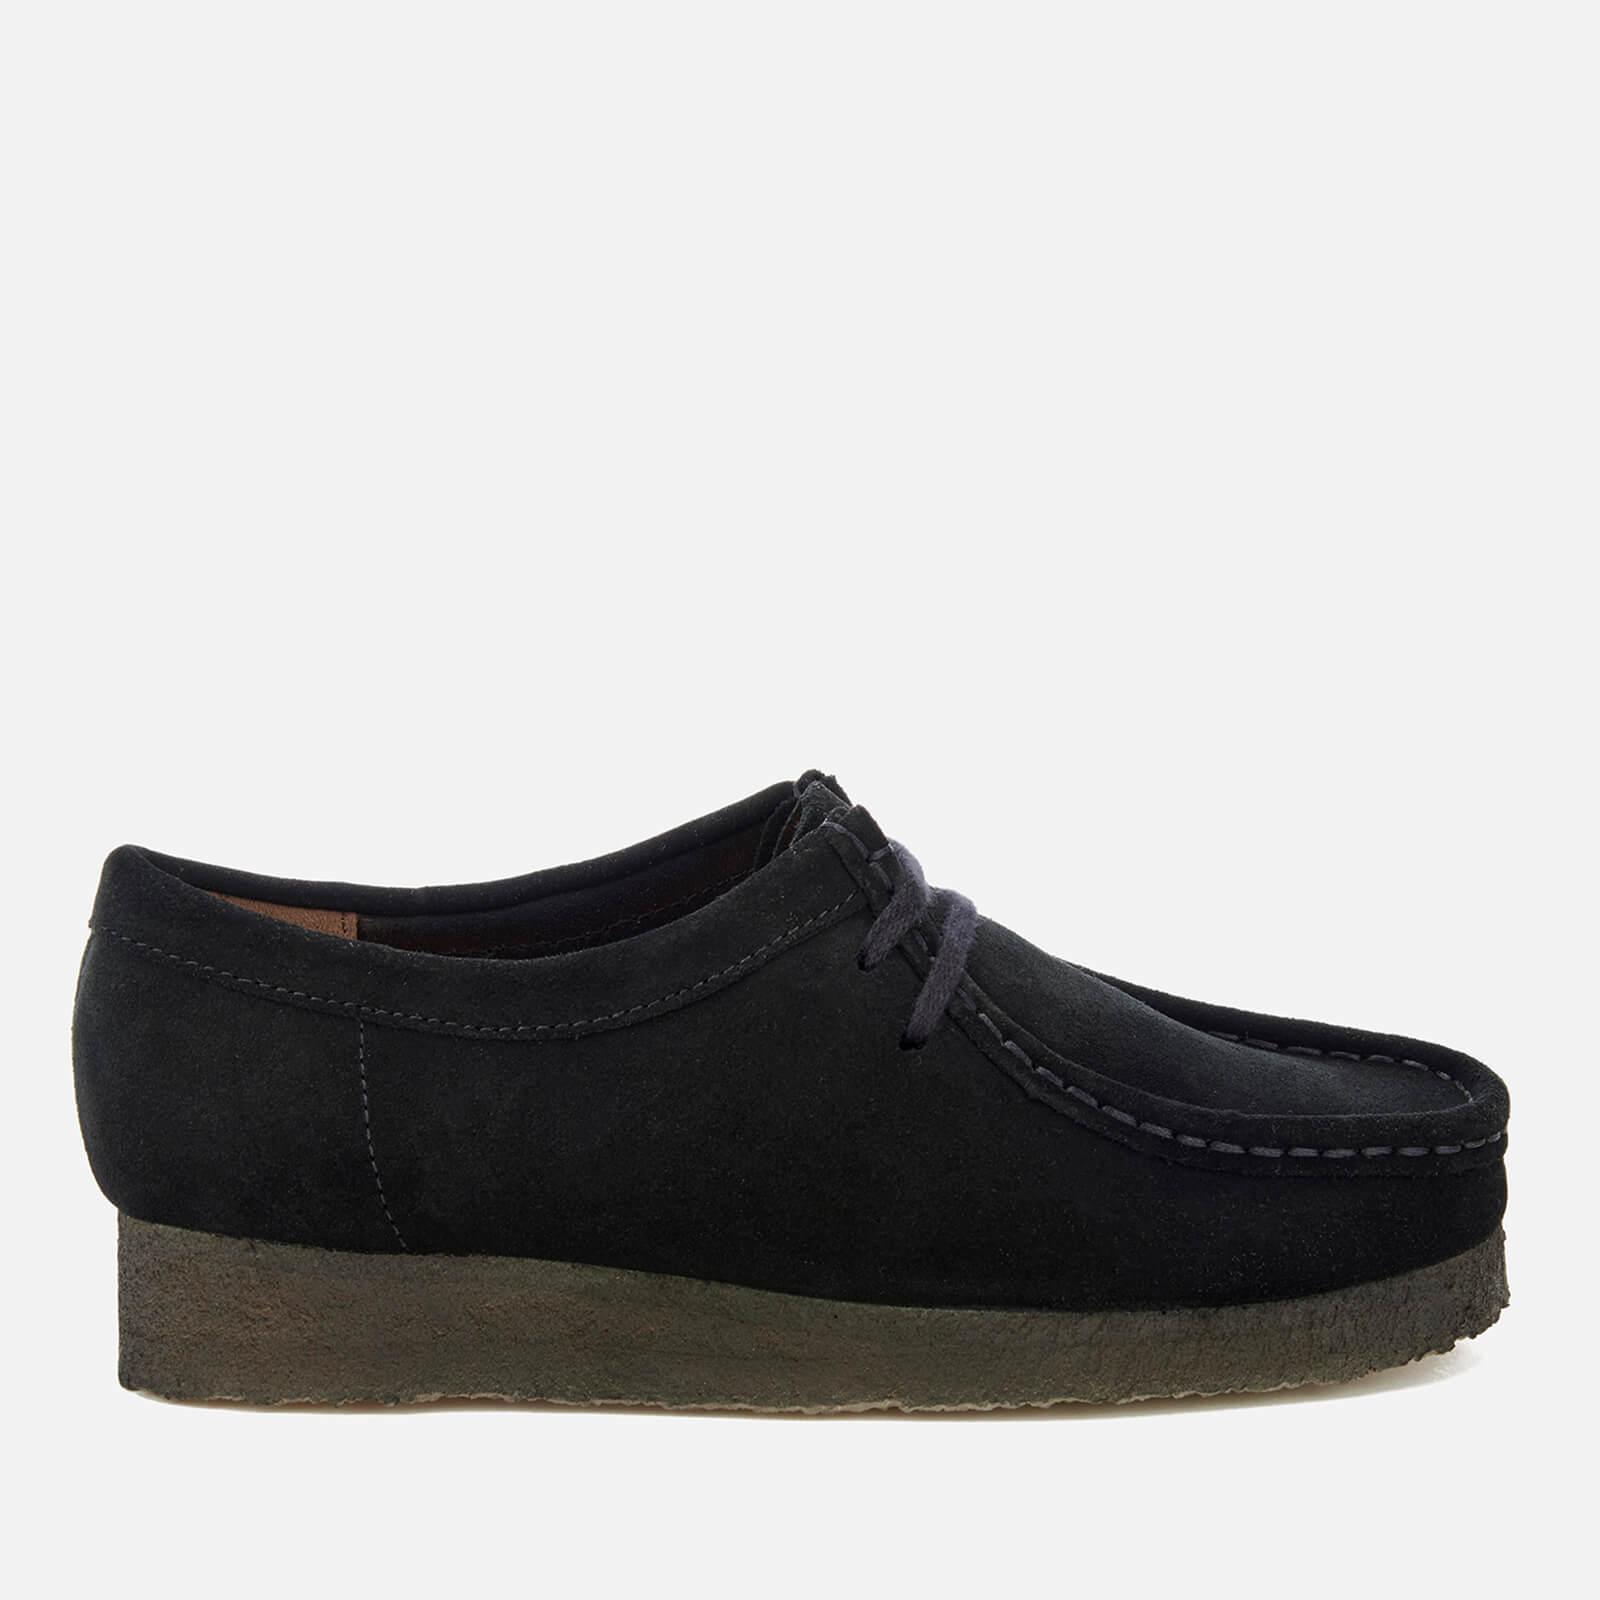 Clarks Originals Women's Wallabee Shoes - Black Suede - UK 7